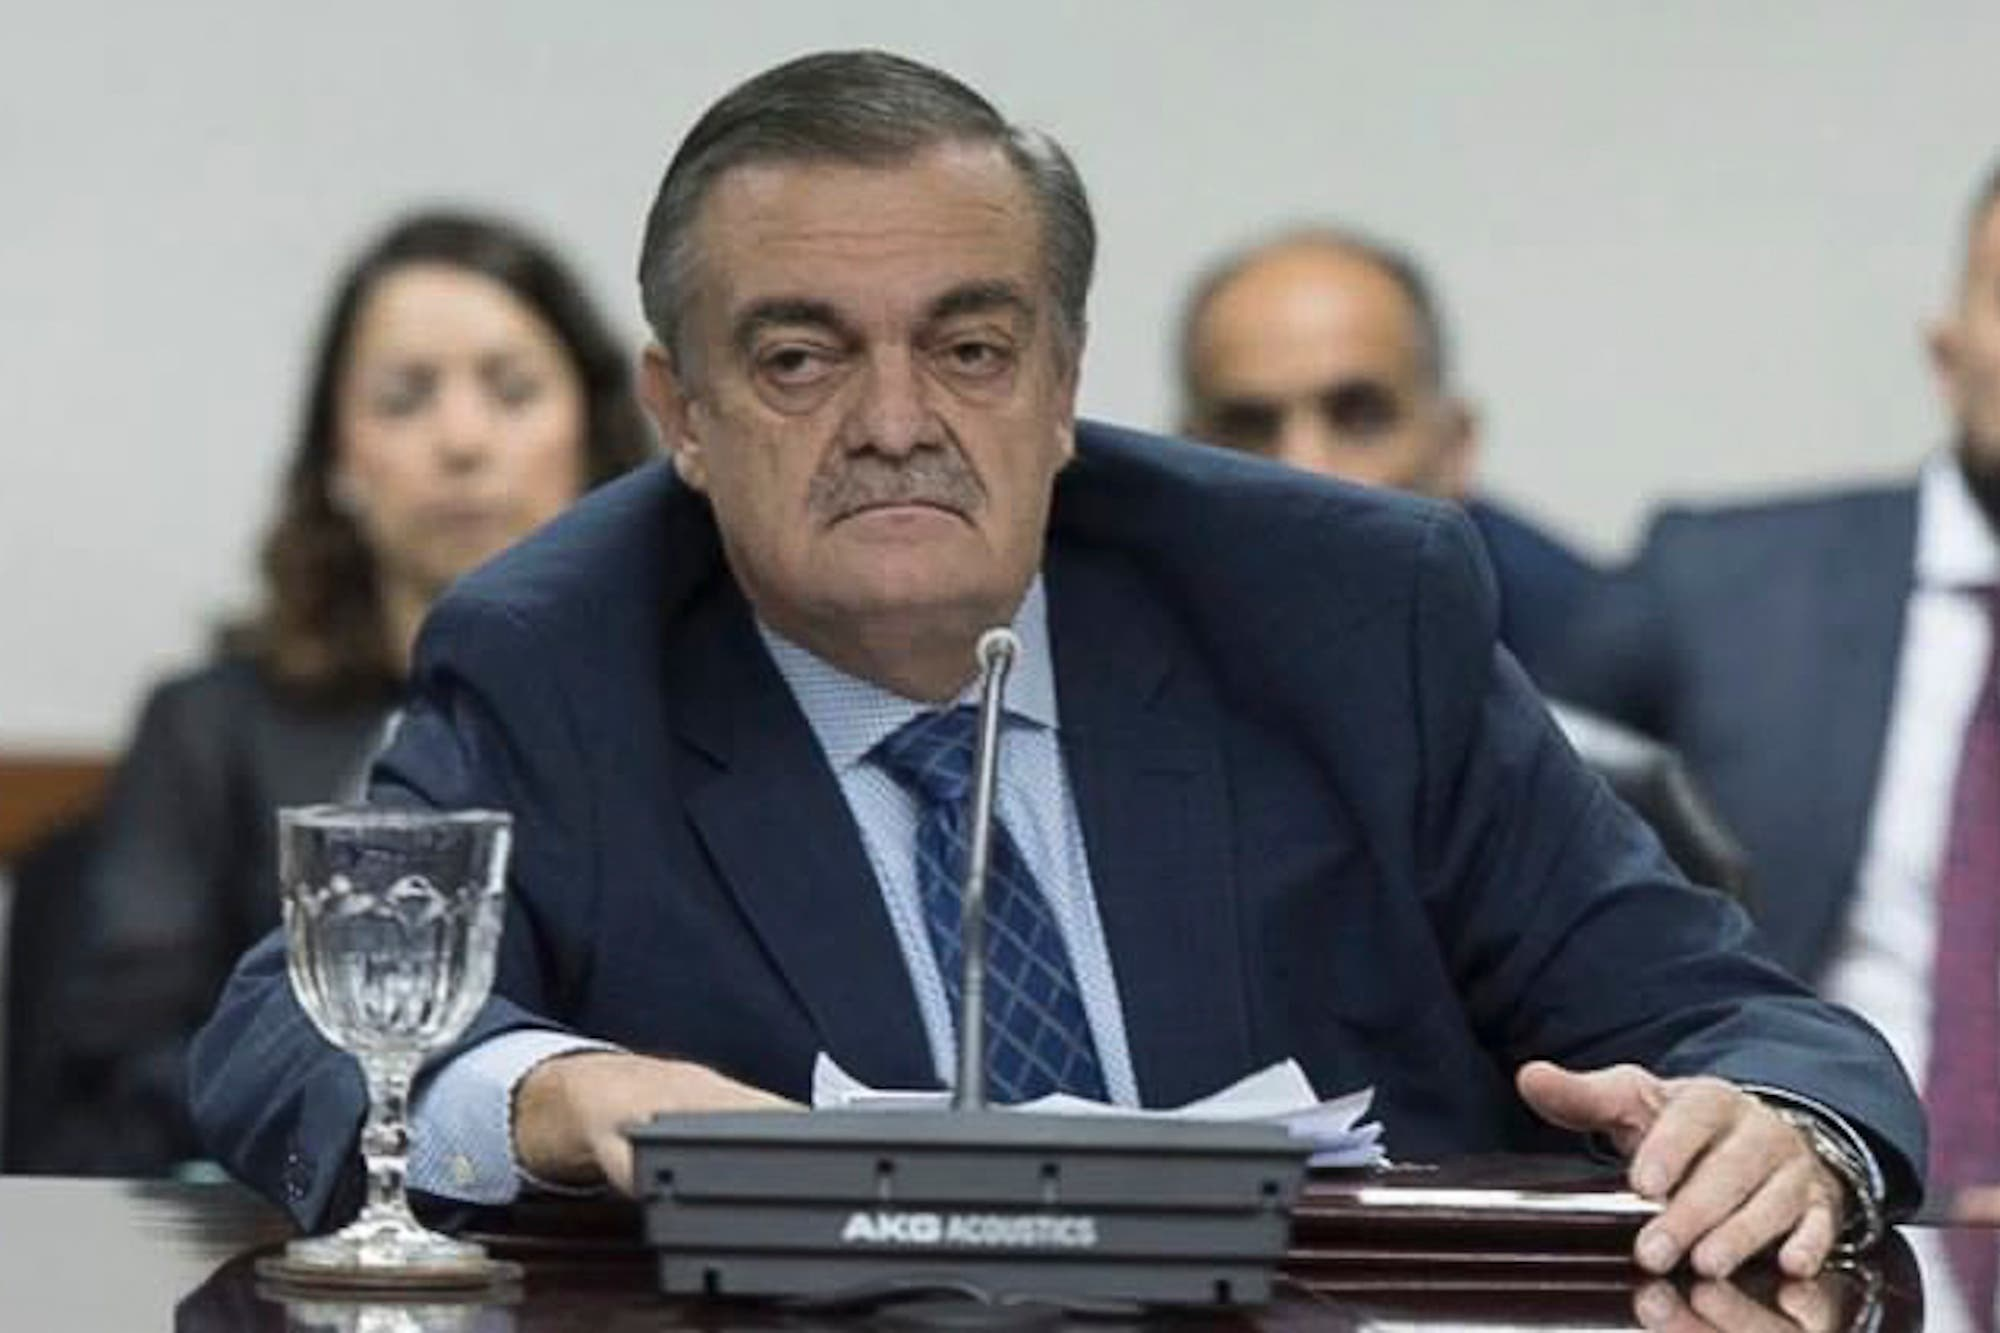 El juez Alberto Lugones se manifestó a favor de reformar el Consejo de la Magistratura